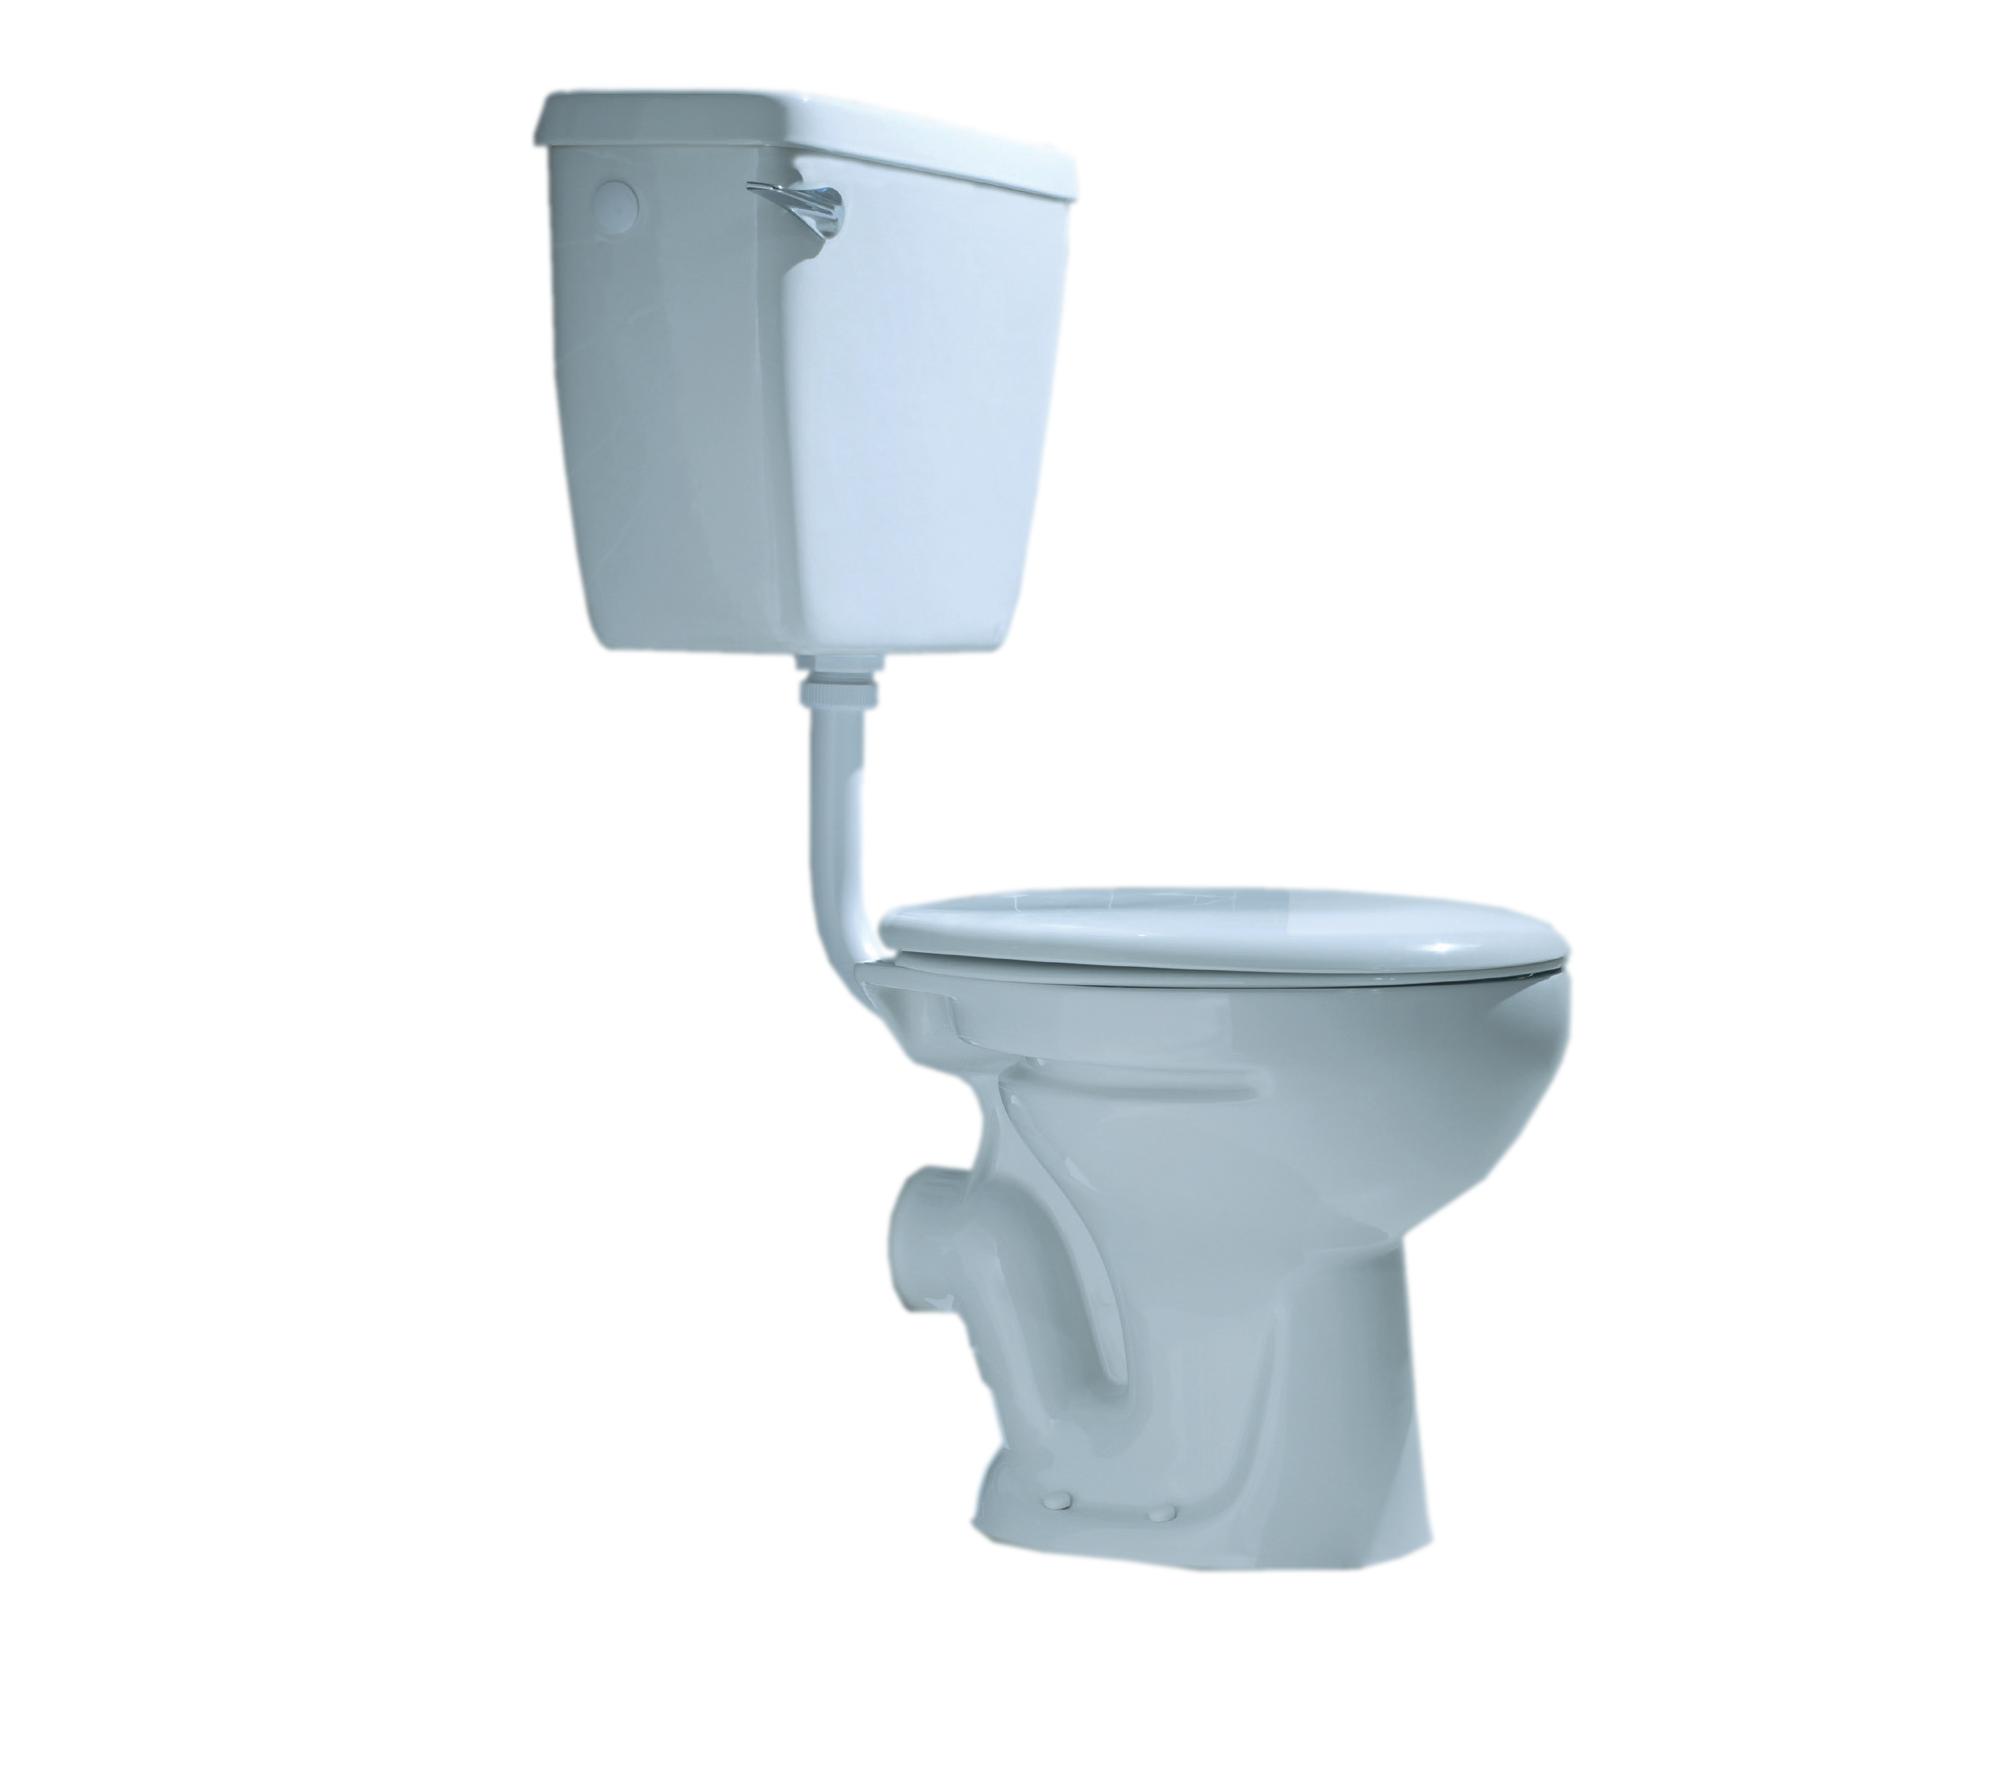 Lecico | Atlas | ASWHLLCI ASWHLLPA CPKASLL STWHSSUNP  | Low Level Toilet